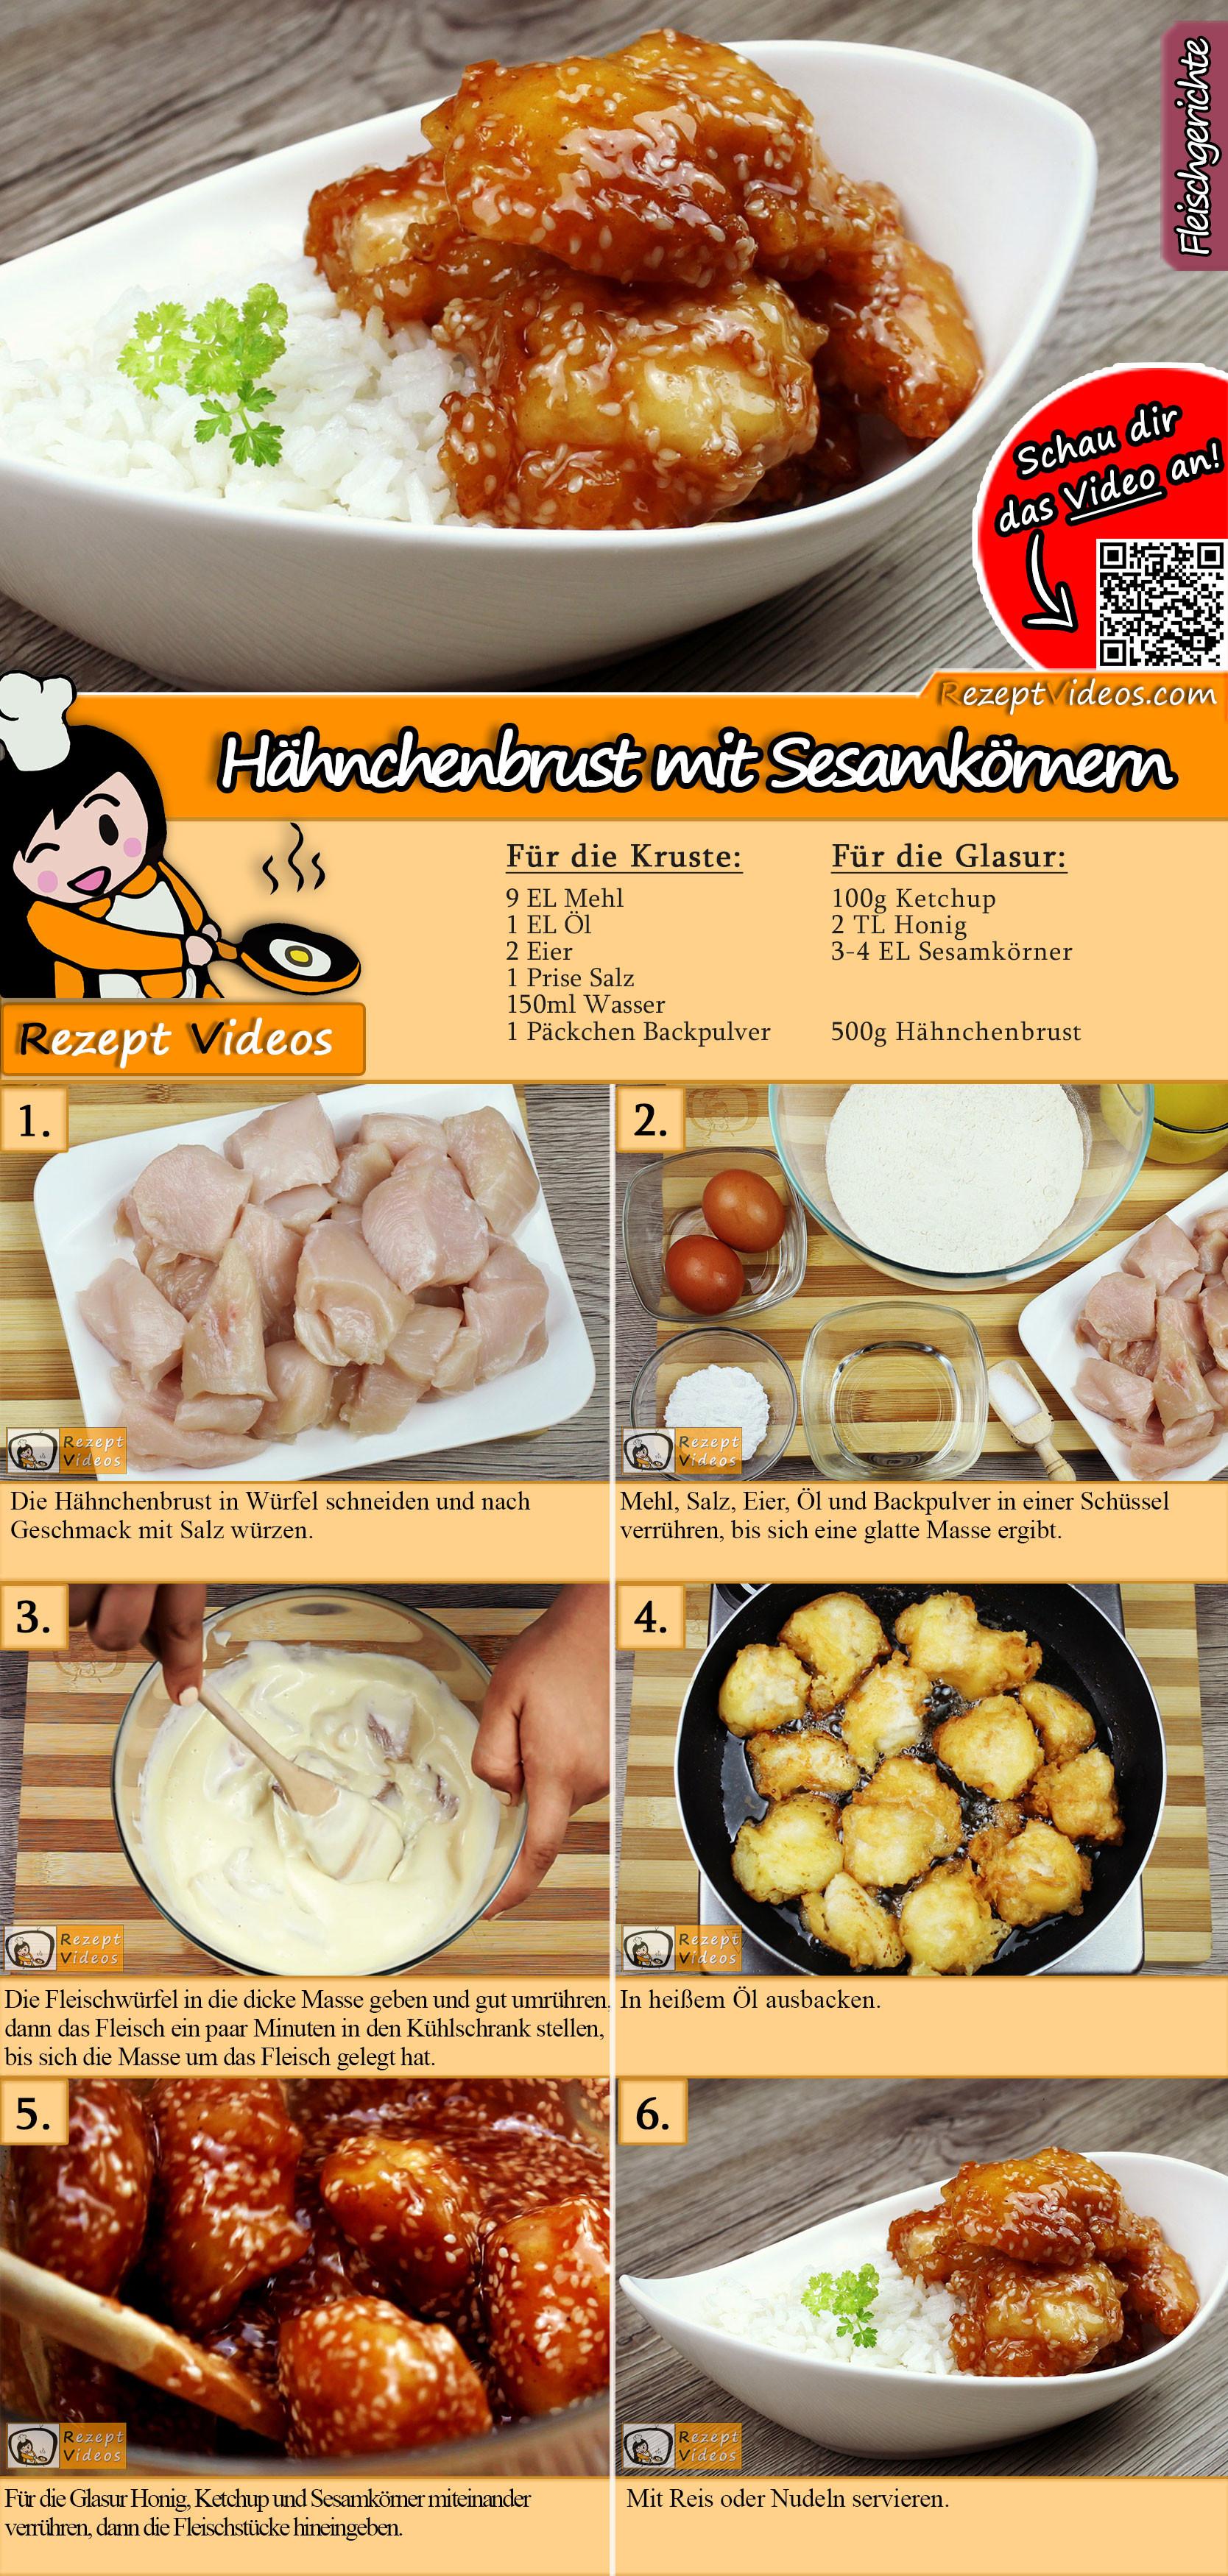 Hähnchenbrust mit Sesamkörnern Rezept mit Video